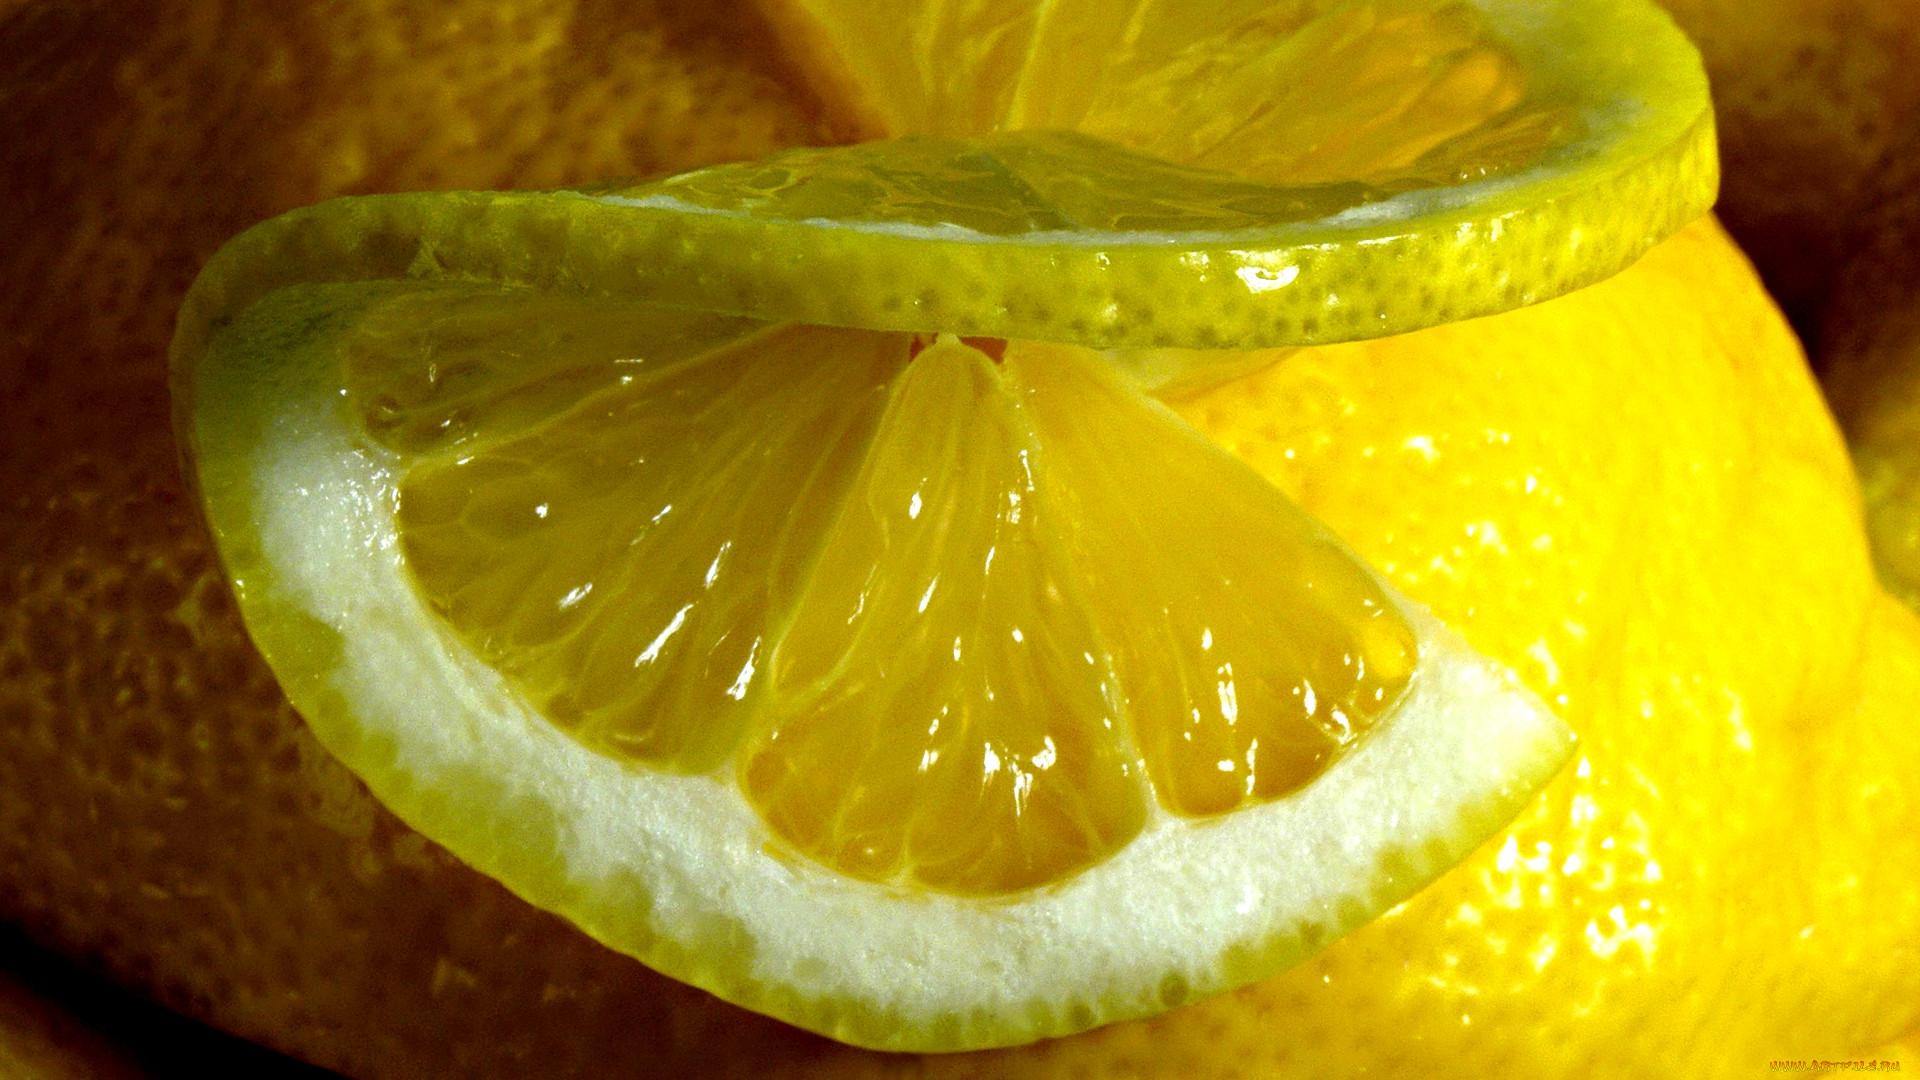 подарок сочные лимоны картинка сказать